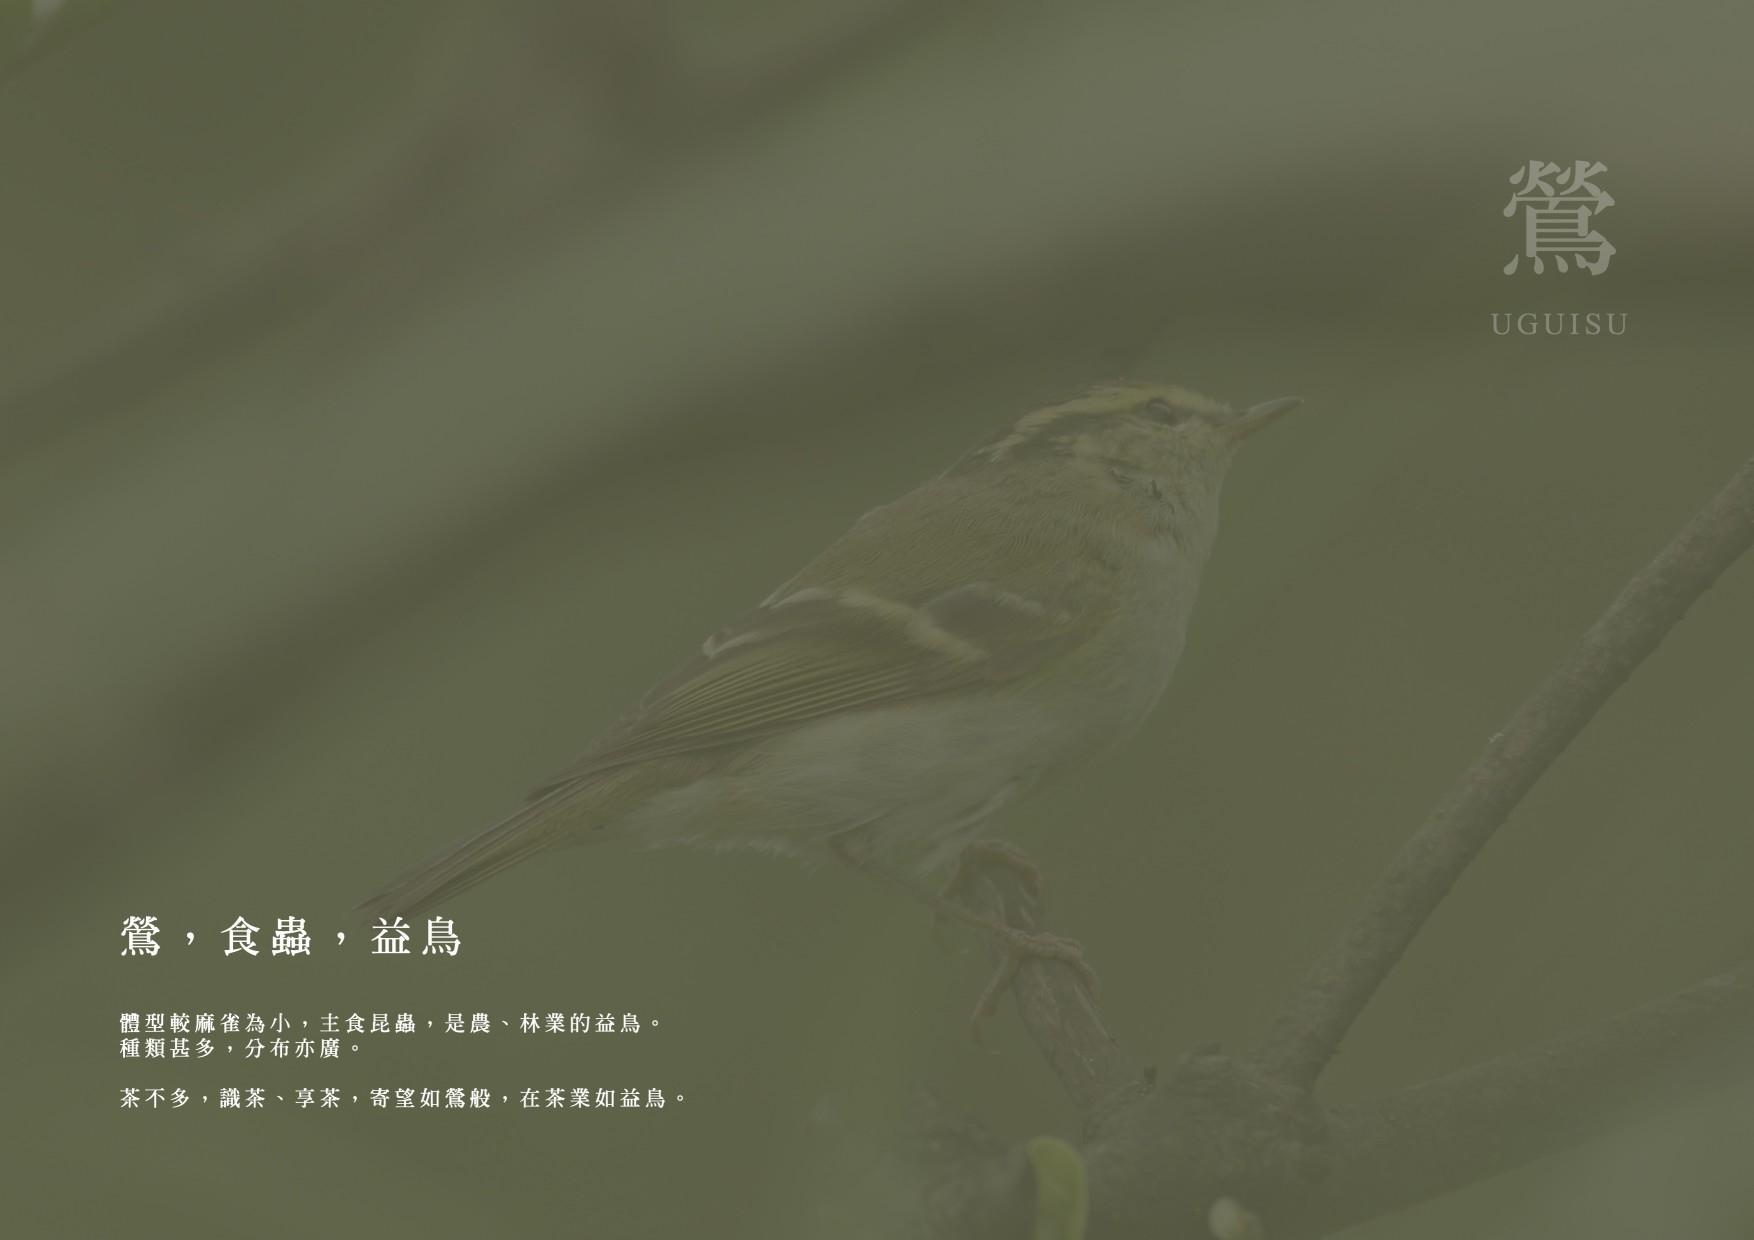 茶不多先生客製化網站設計主視覺-鯊客科技SEO優化網站設計公司